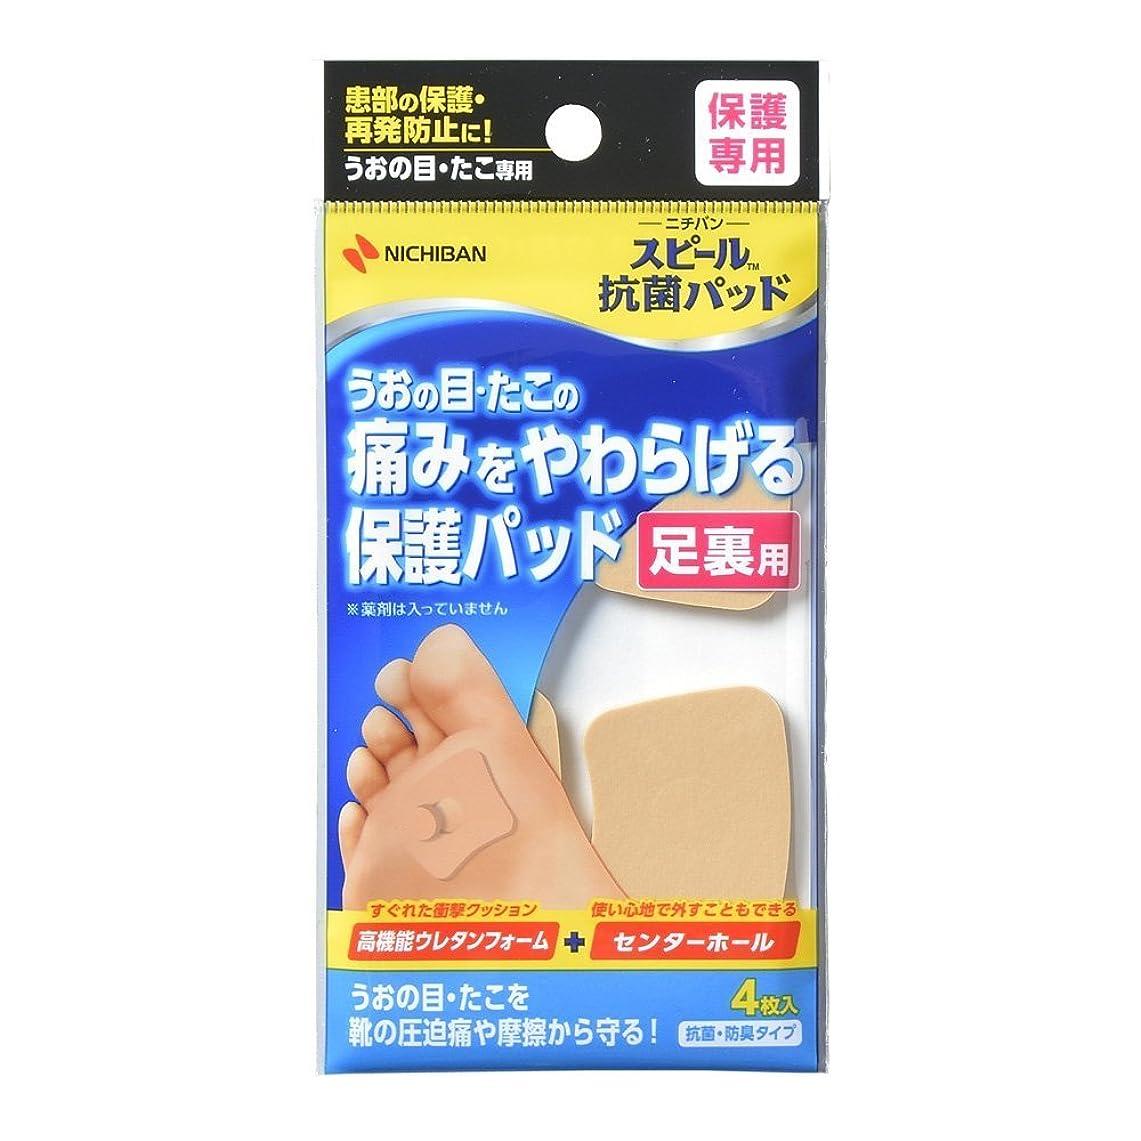 発掘五月中毒【ニチバン】スピール抗菌パッド 足裏用 SPPAU 4枚 ×3個セット